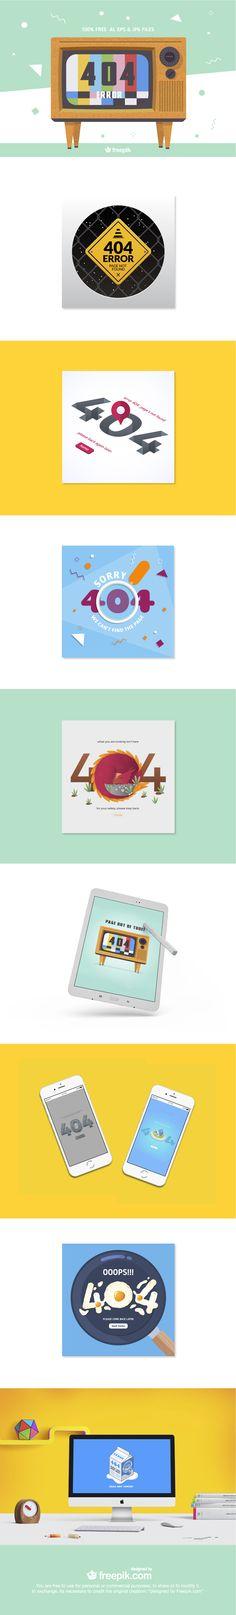 Pack exclusivo de diseños creativos para paginas de Error 404 gracias a Freepik. Descargalo gratis aqui!